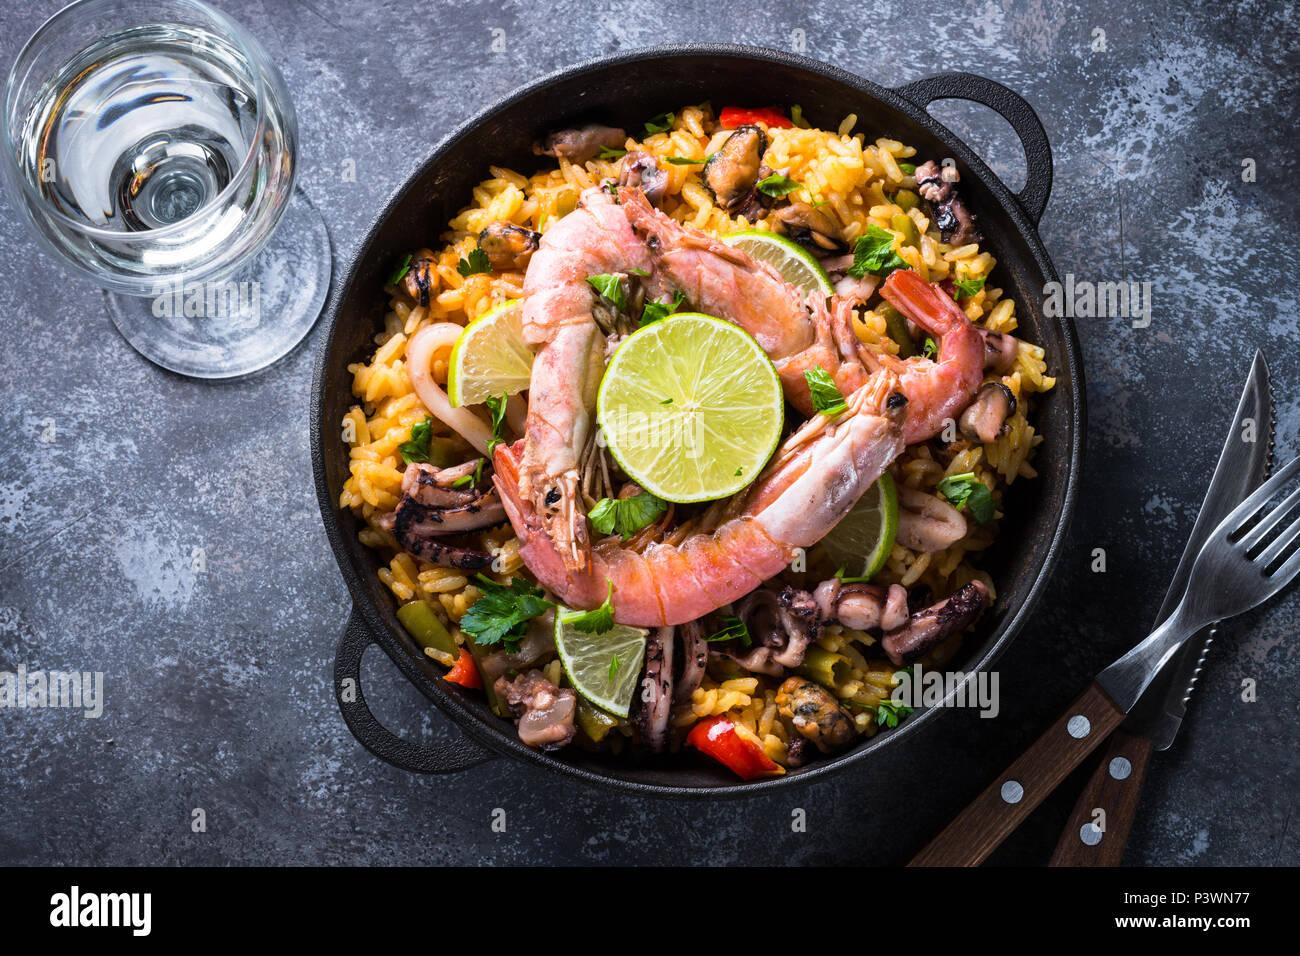 Meeresfrüchte Paella. Traditionelle spanische Gerichte, europäische Küche. Draufsicht auf dunklen Tisch aus Stein. Stockfoto